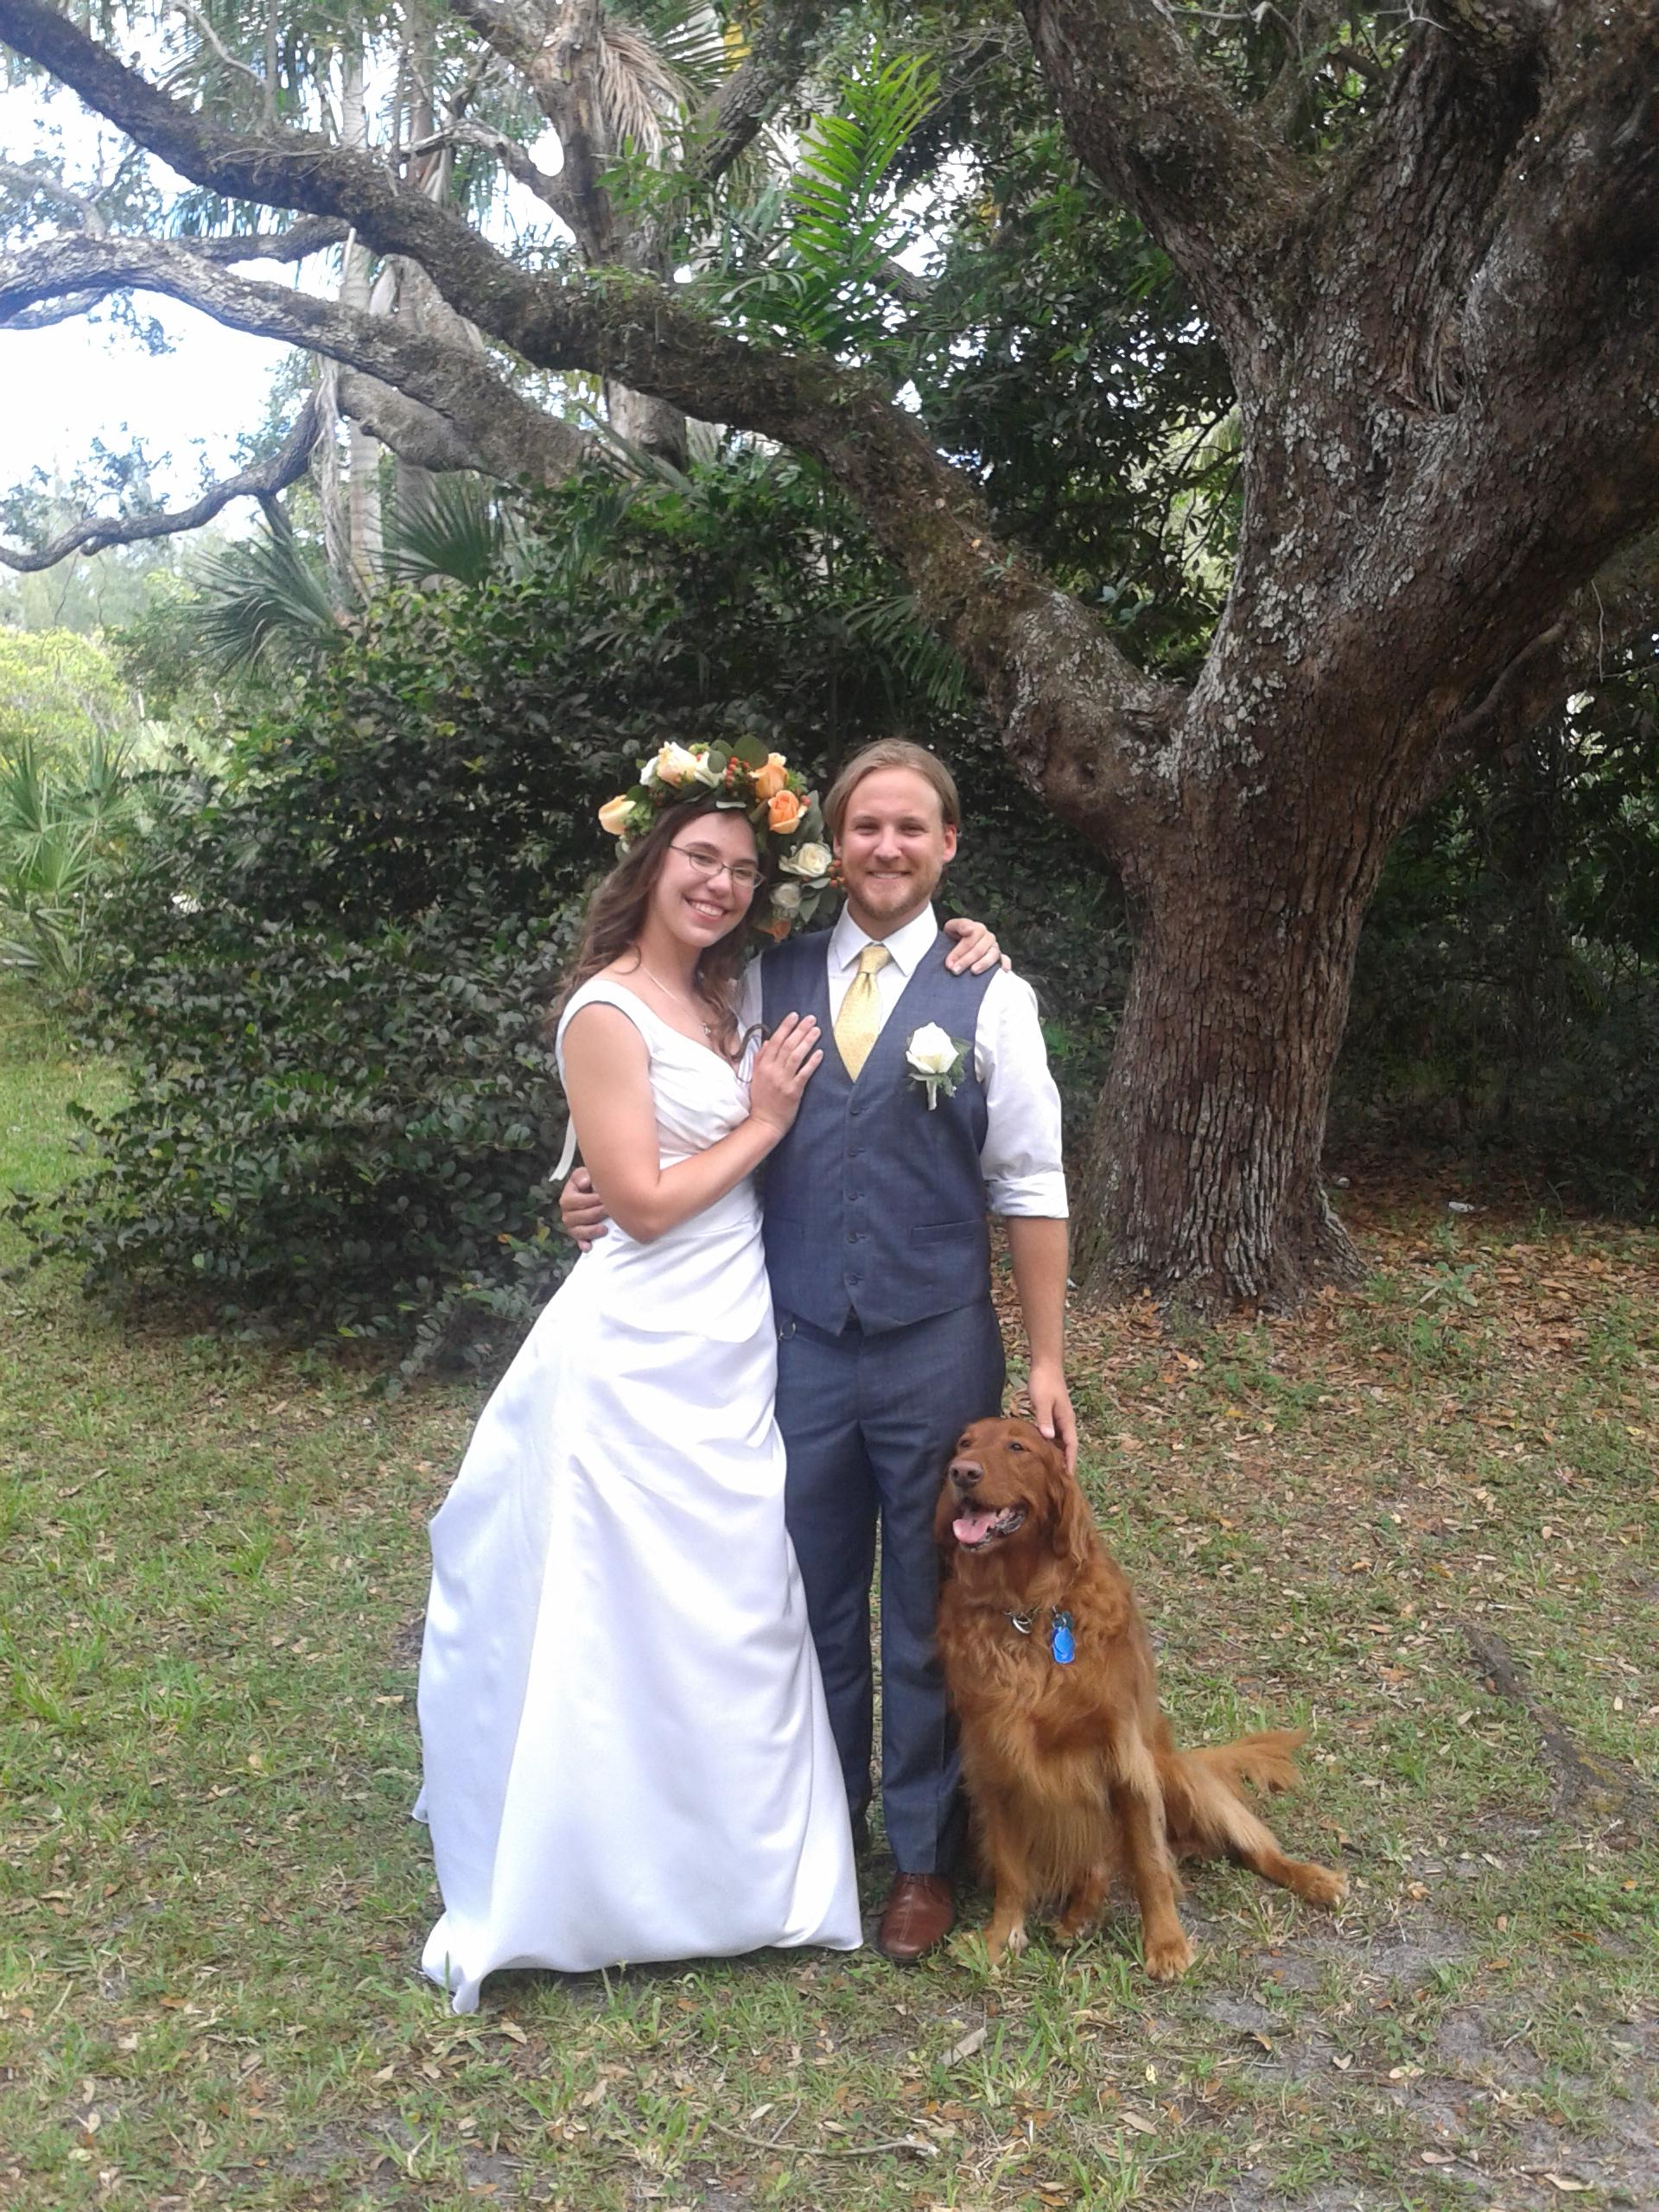 https://0201.nccdn.net/1_2/000/000/128/b60/wedding-at-the-park.jpg